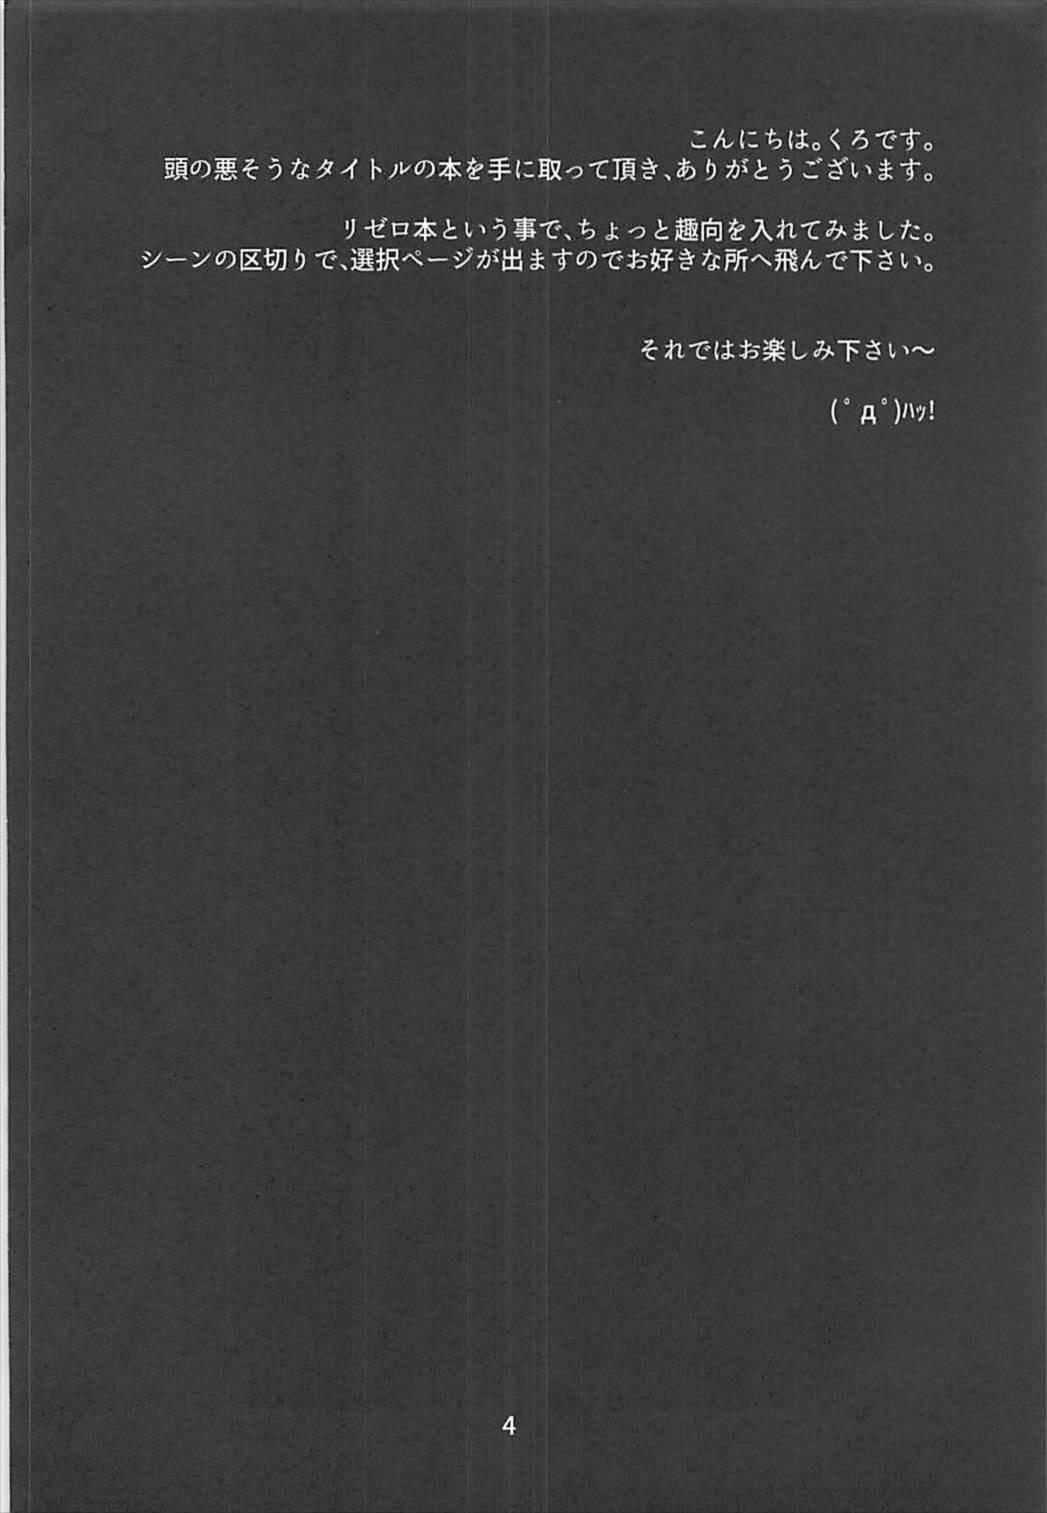 Re:Iku made Tsuzukeru Isekai Seikatsu 2